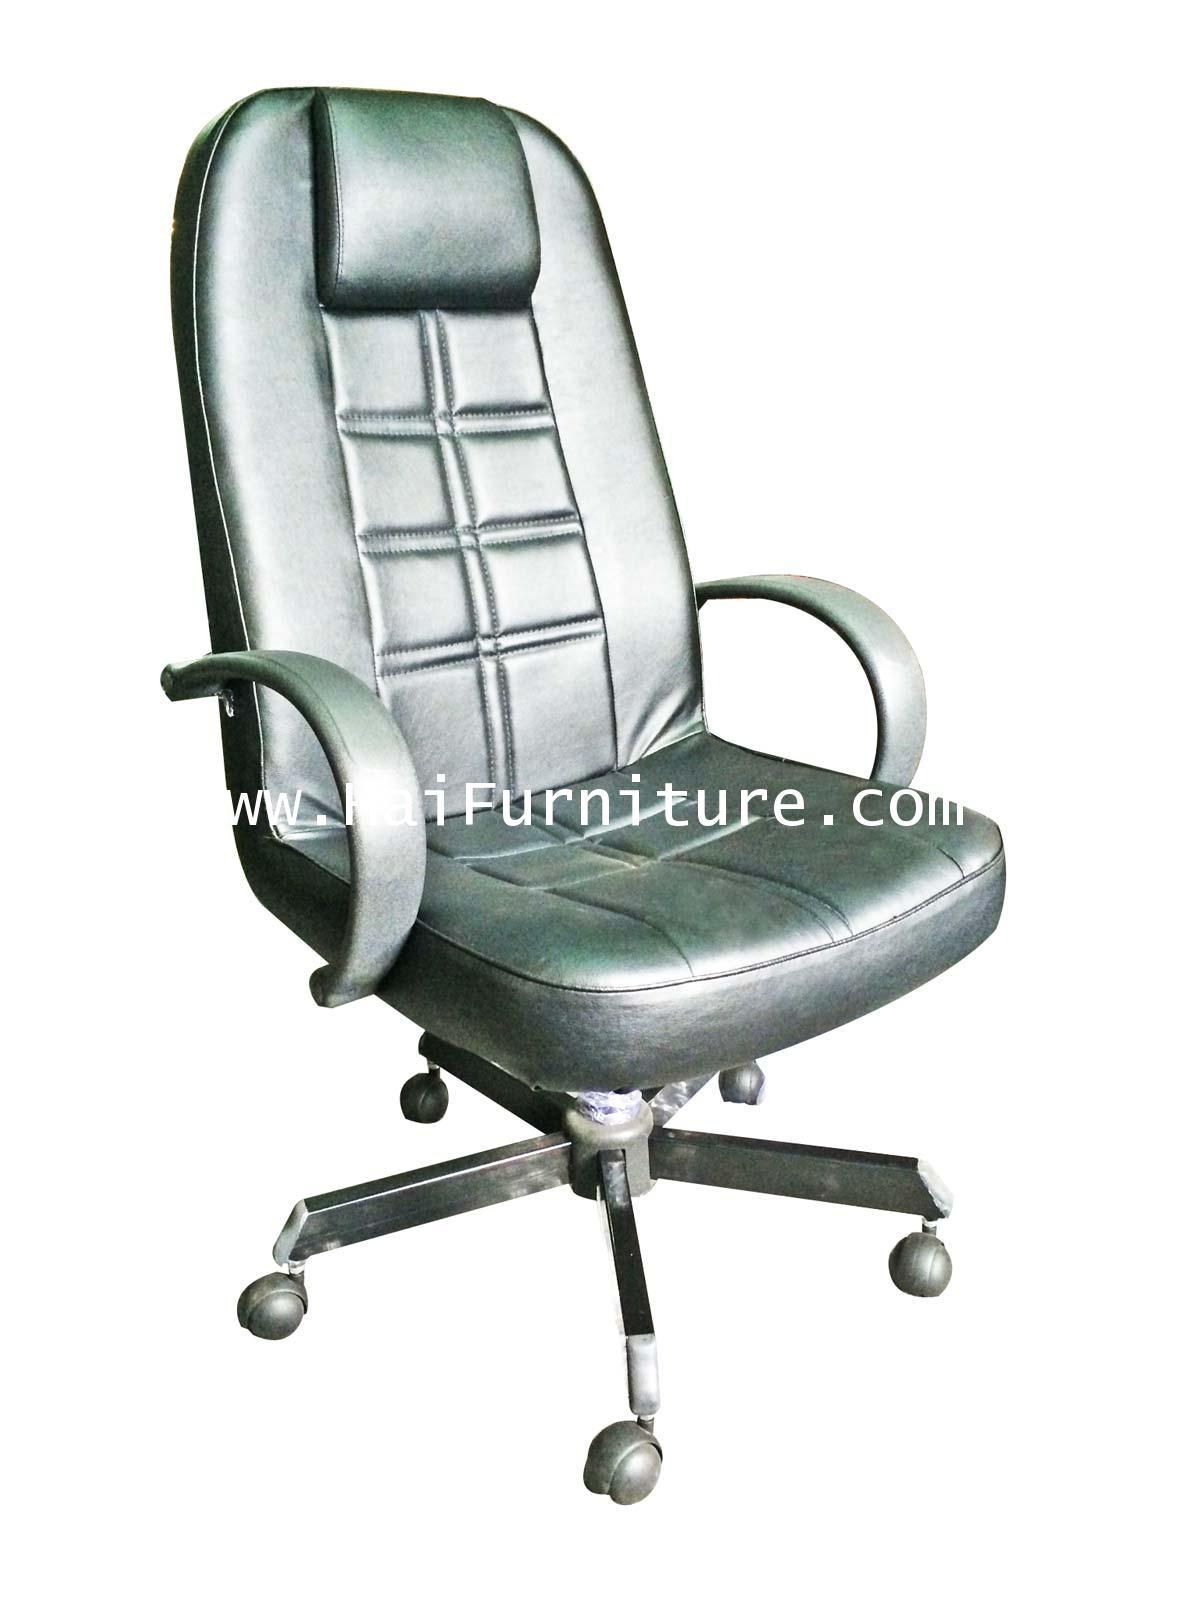 เก้าอี้ผู้จัดการ หัวหมอนหนัง ขาเหล็ก